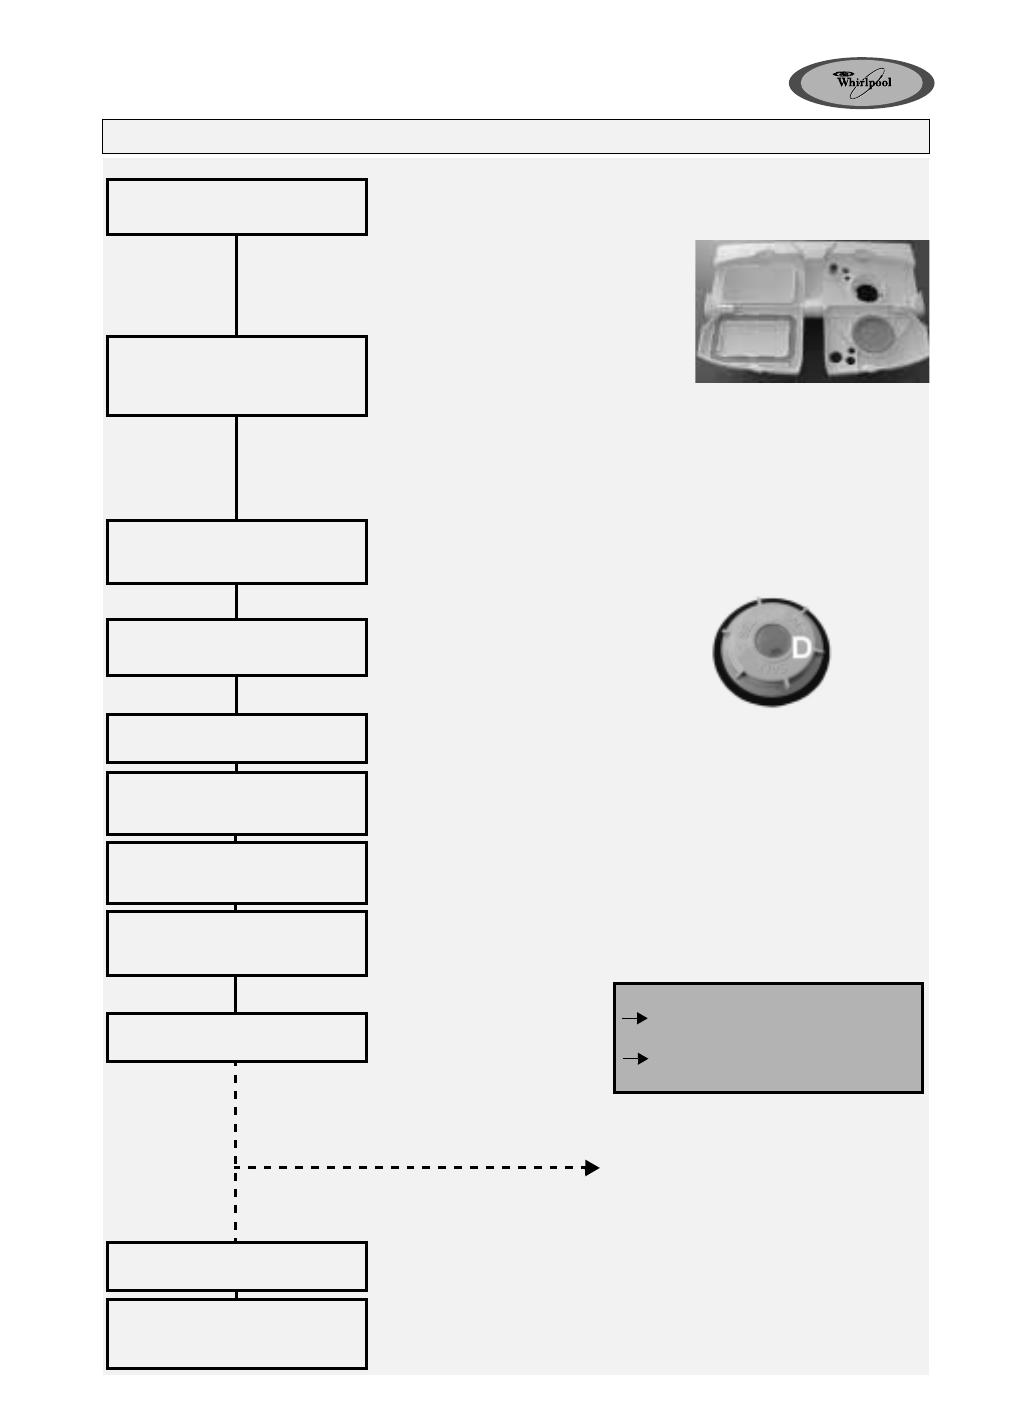 bedienungsanleitung whirlpool adg 8527 nb (seite 1 von 4  ~ Geschirrspülmaschine Englisch